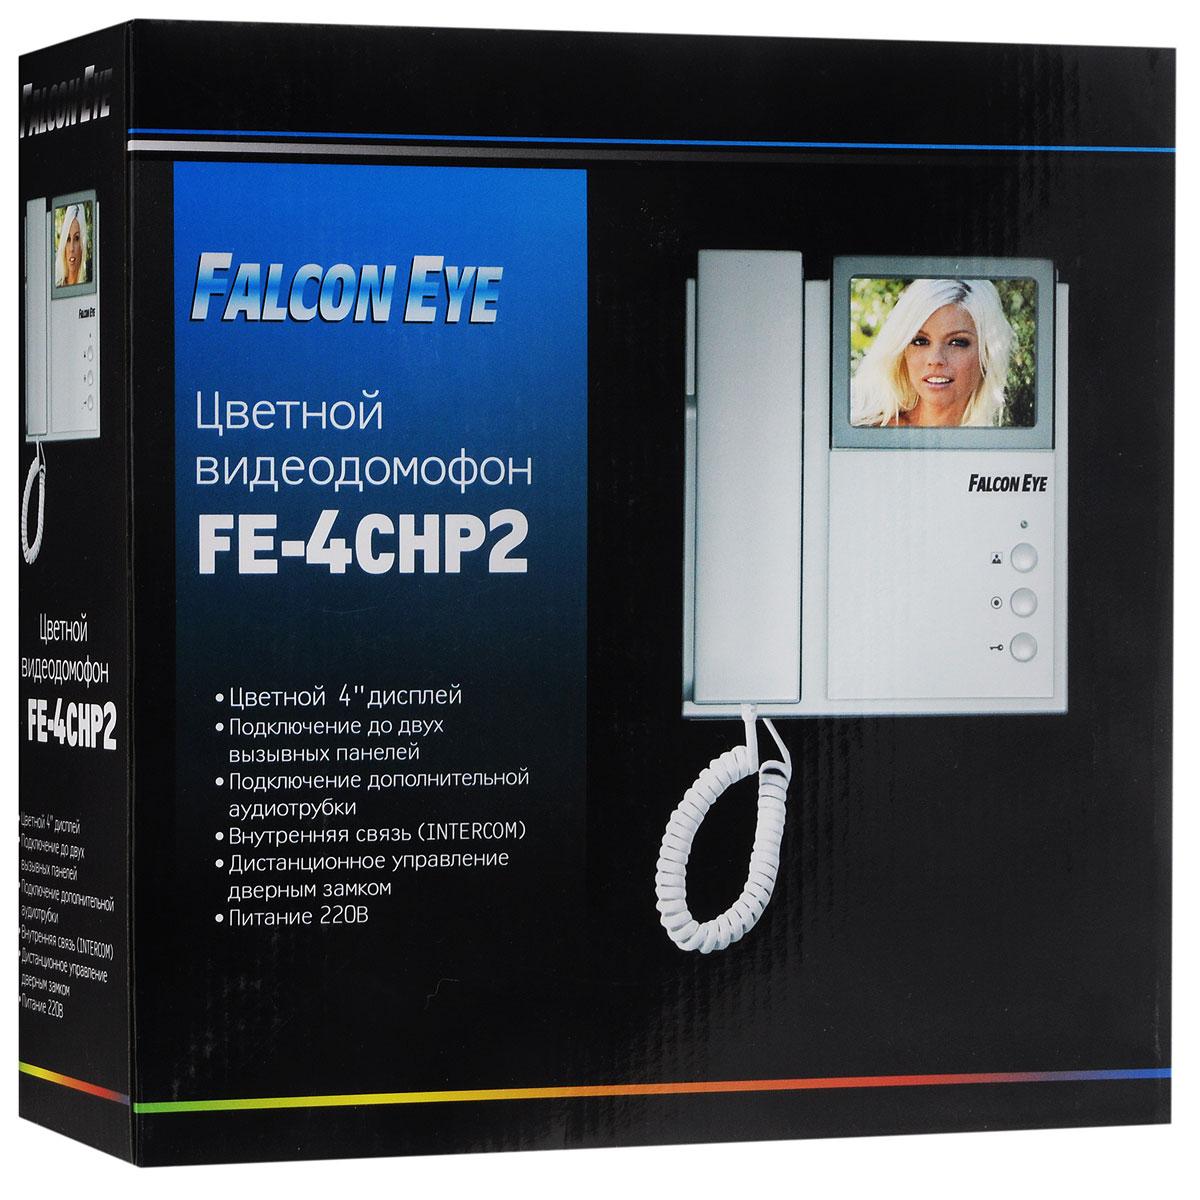 Falcon Eye FE-4CHP2 видеодомофон + AVP-505 вызывная панель